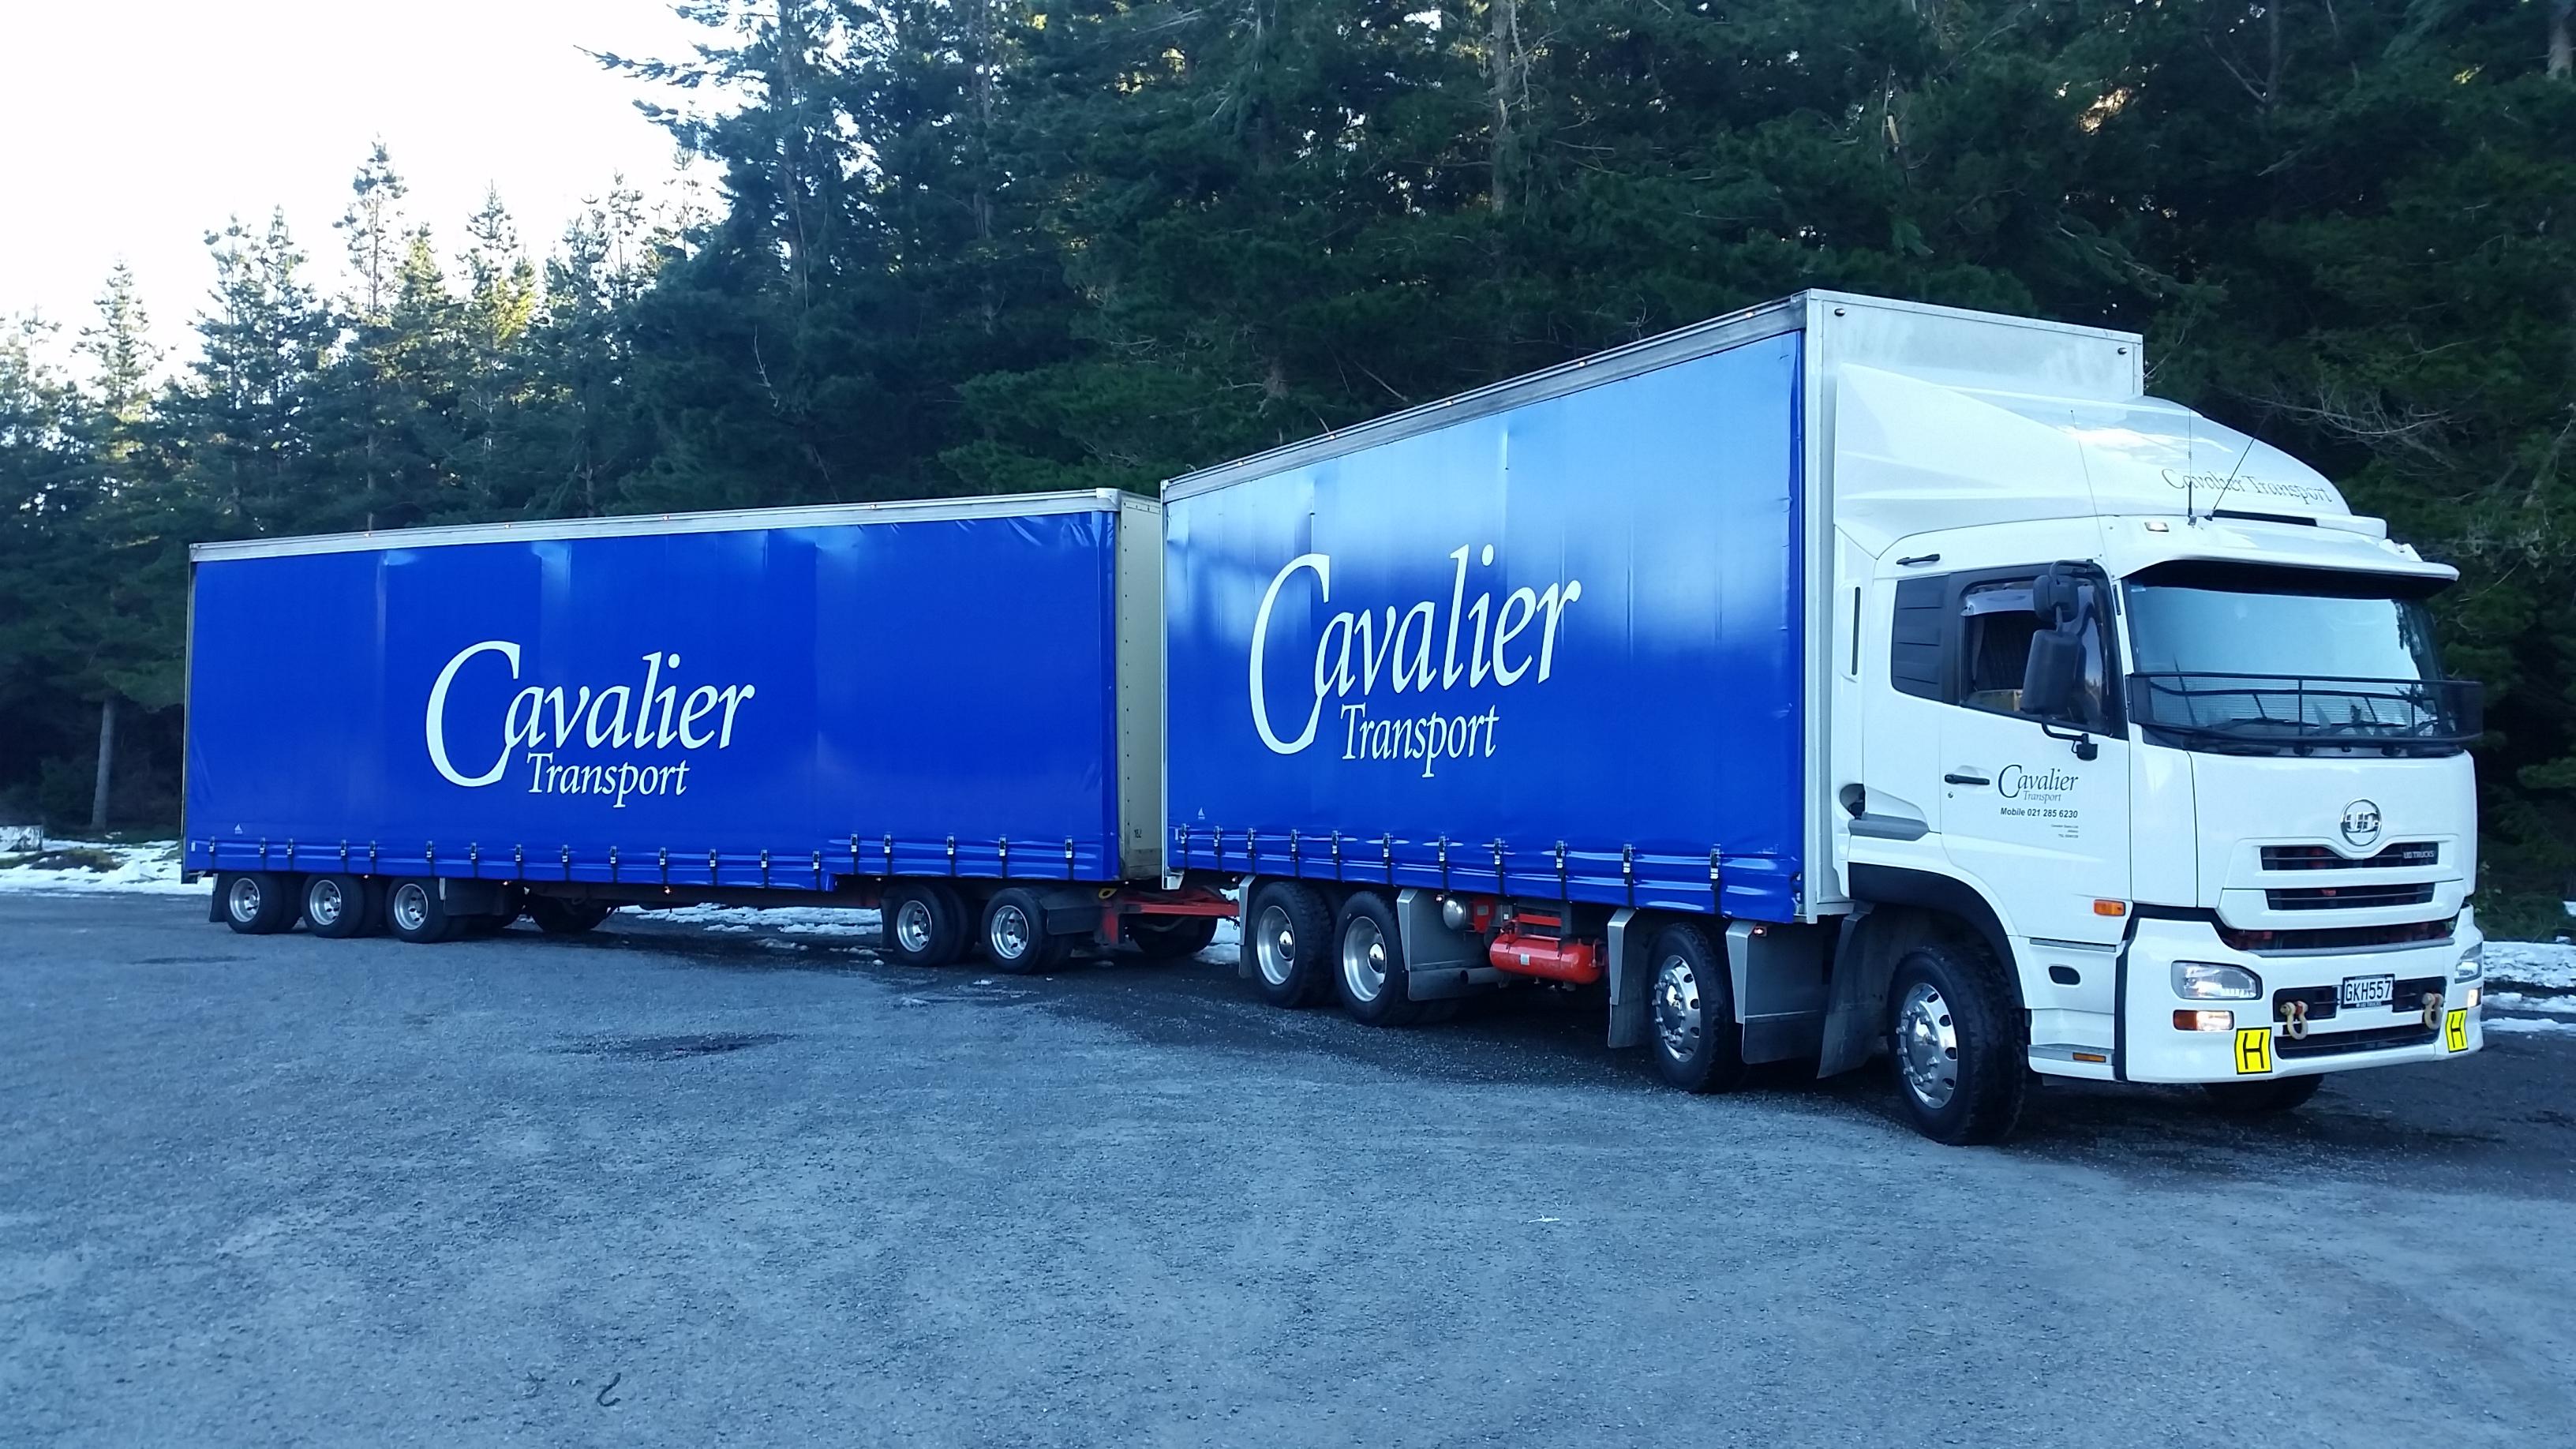 Cavalier Transport